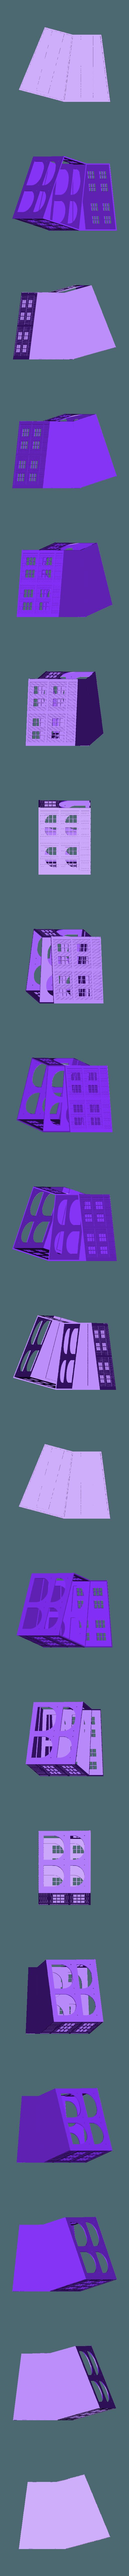 building_big_left.stl Télécharger fichier STL gratuit Dépôt de train à l'échelle 1:87 HO avec table tournante • Plan pour imprimante 3D, nenchev